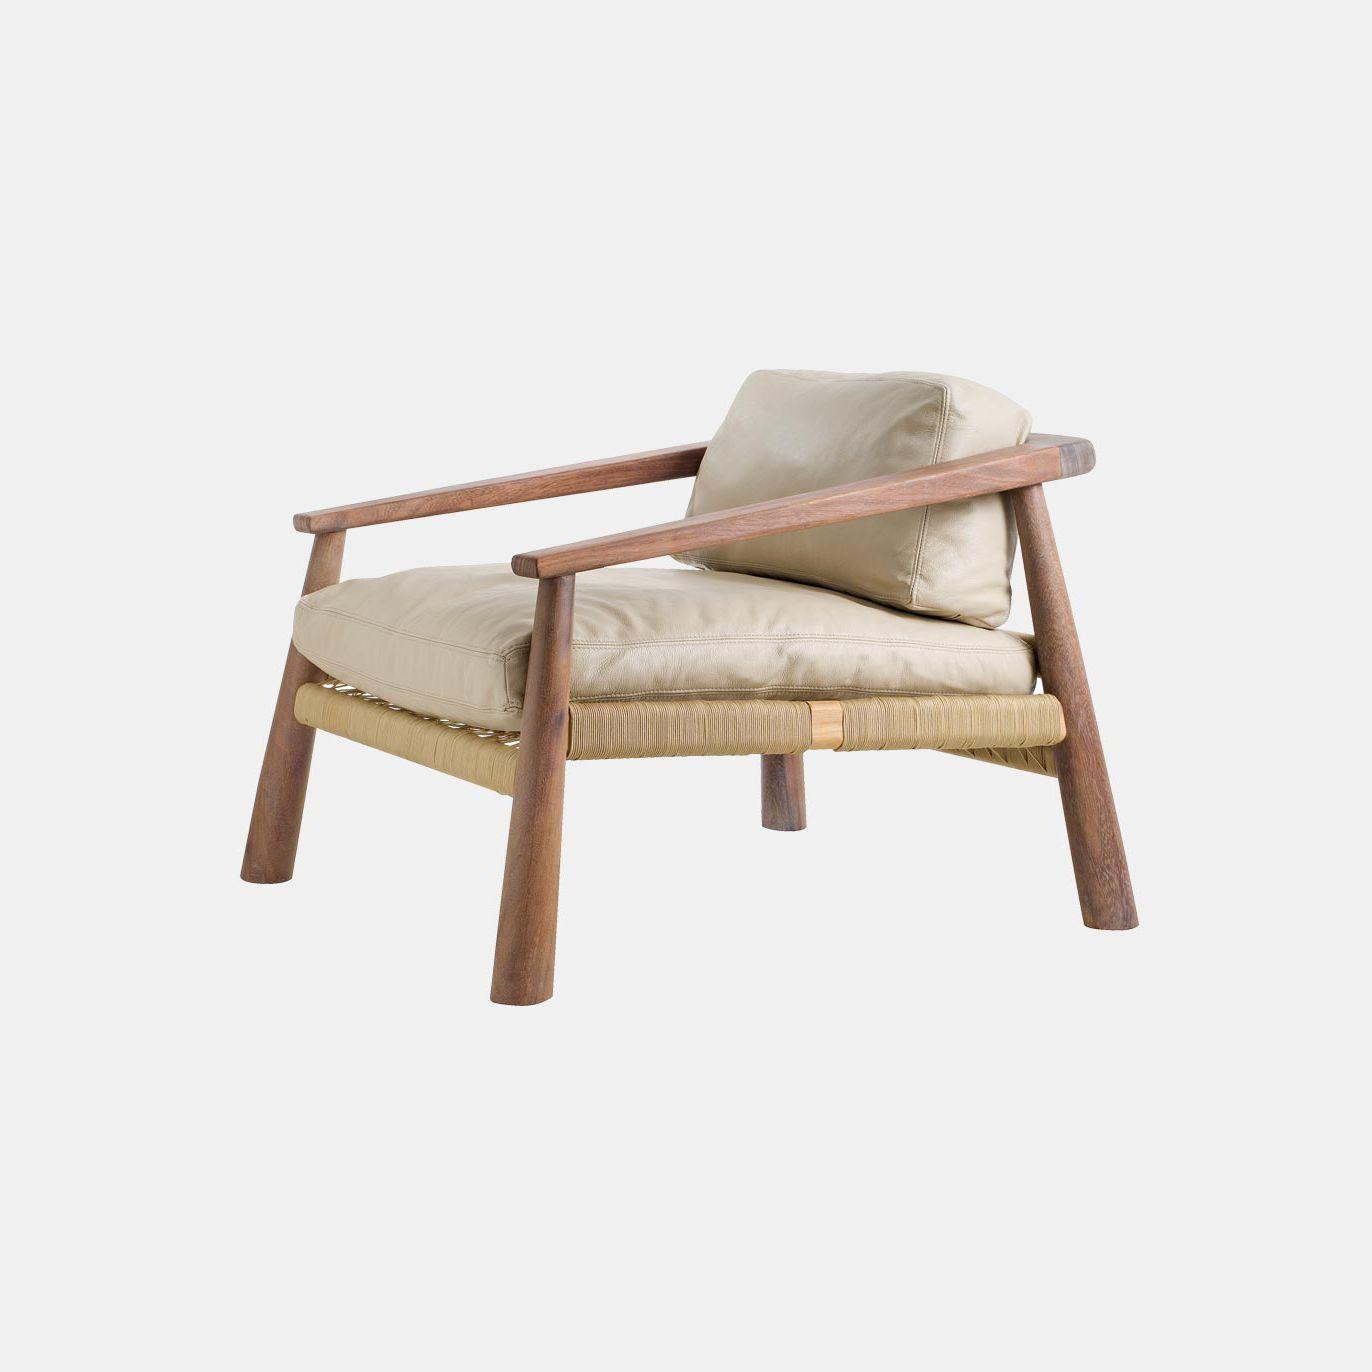 fauteuil contemporain en cuir en bois en corde magnet - Fauteuil En Bois